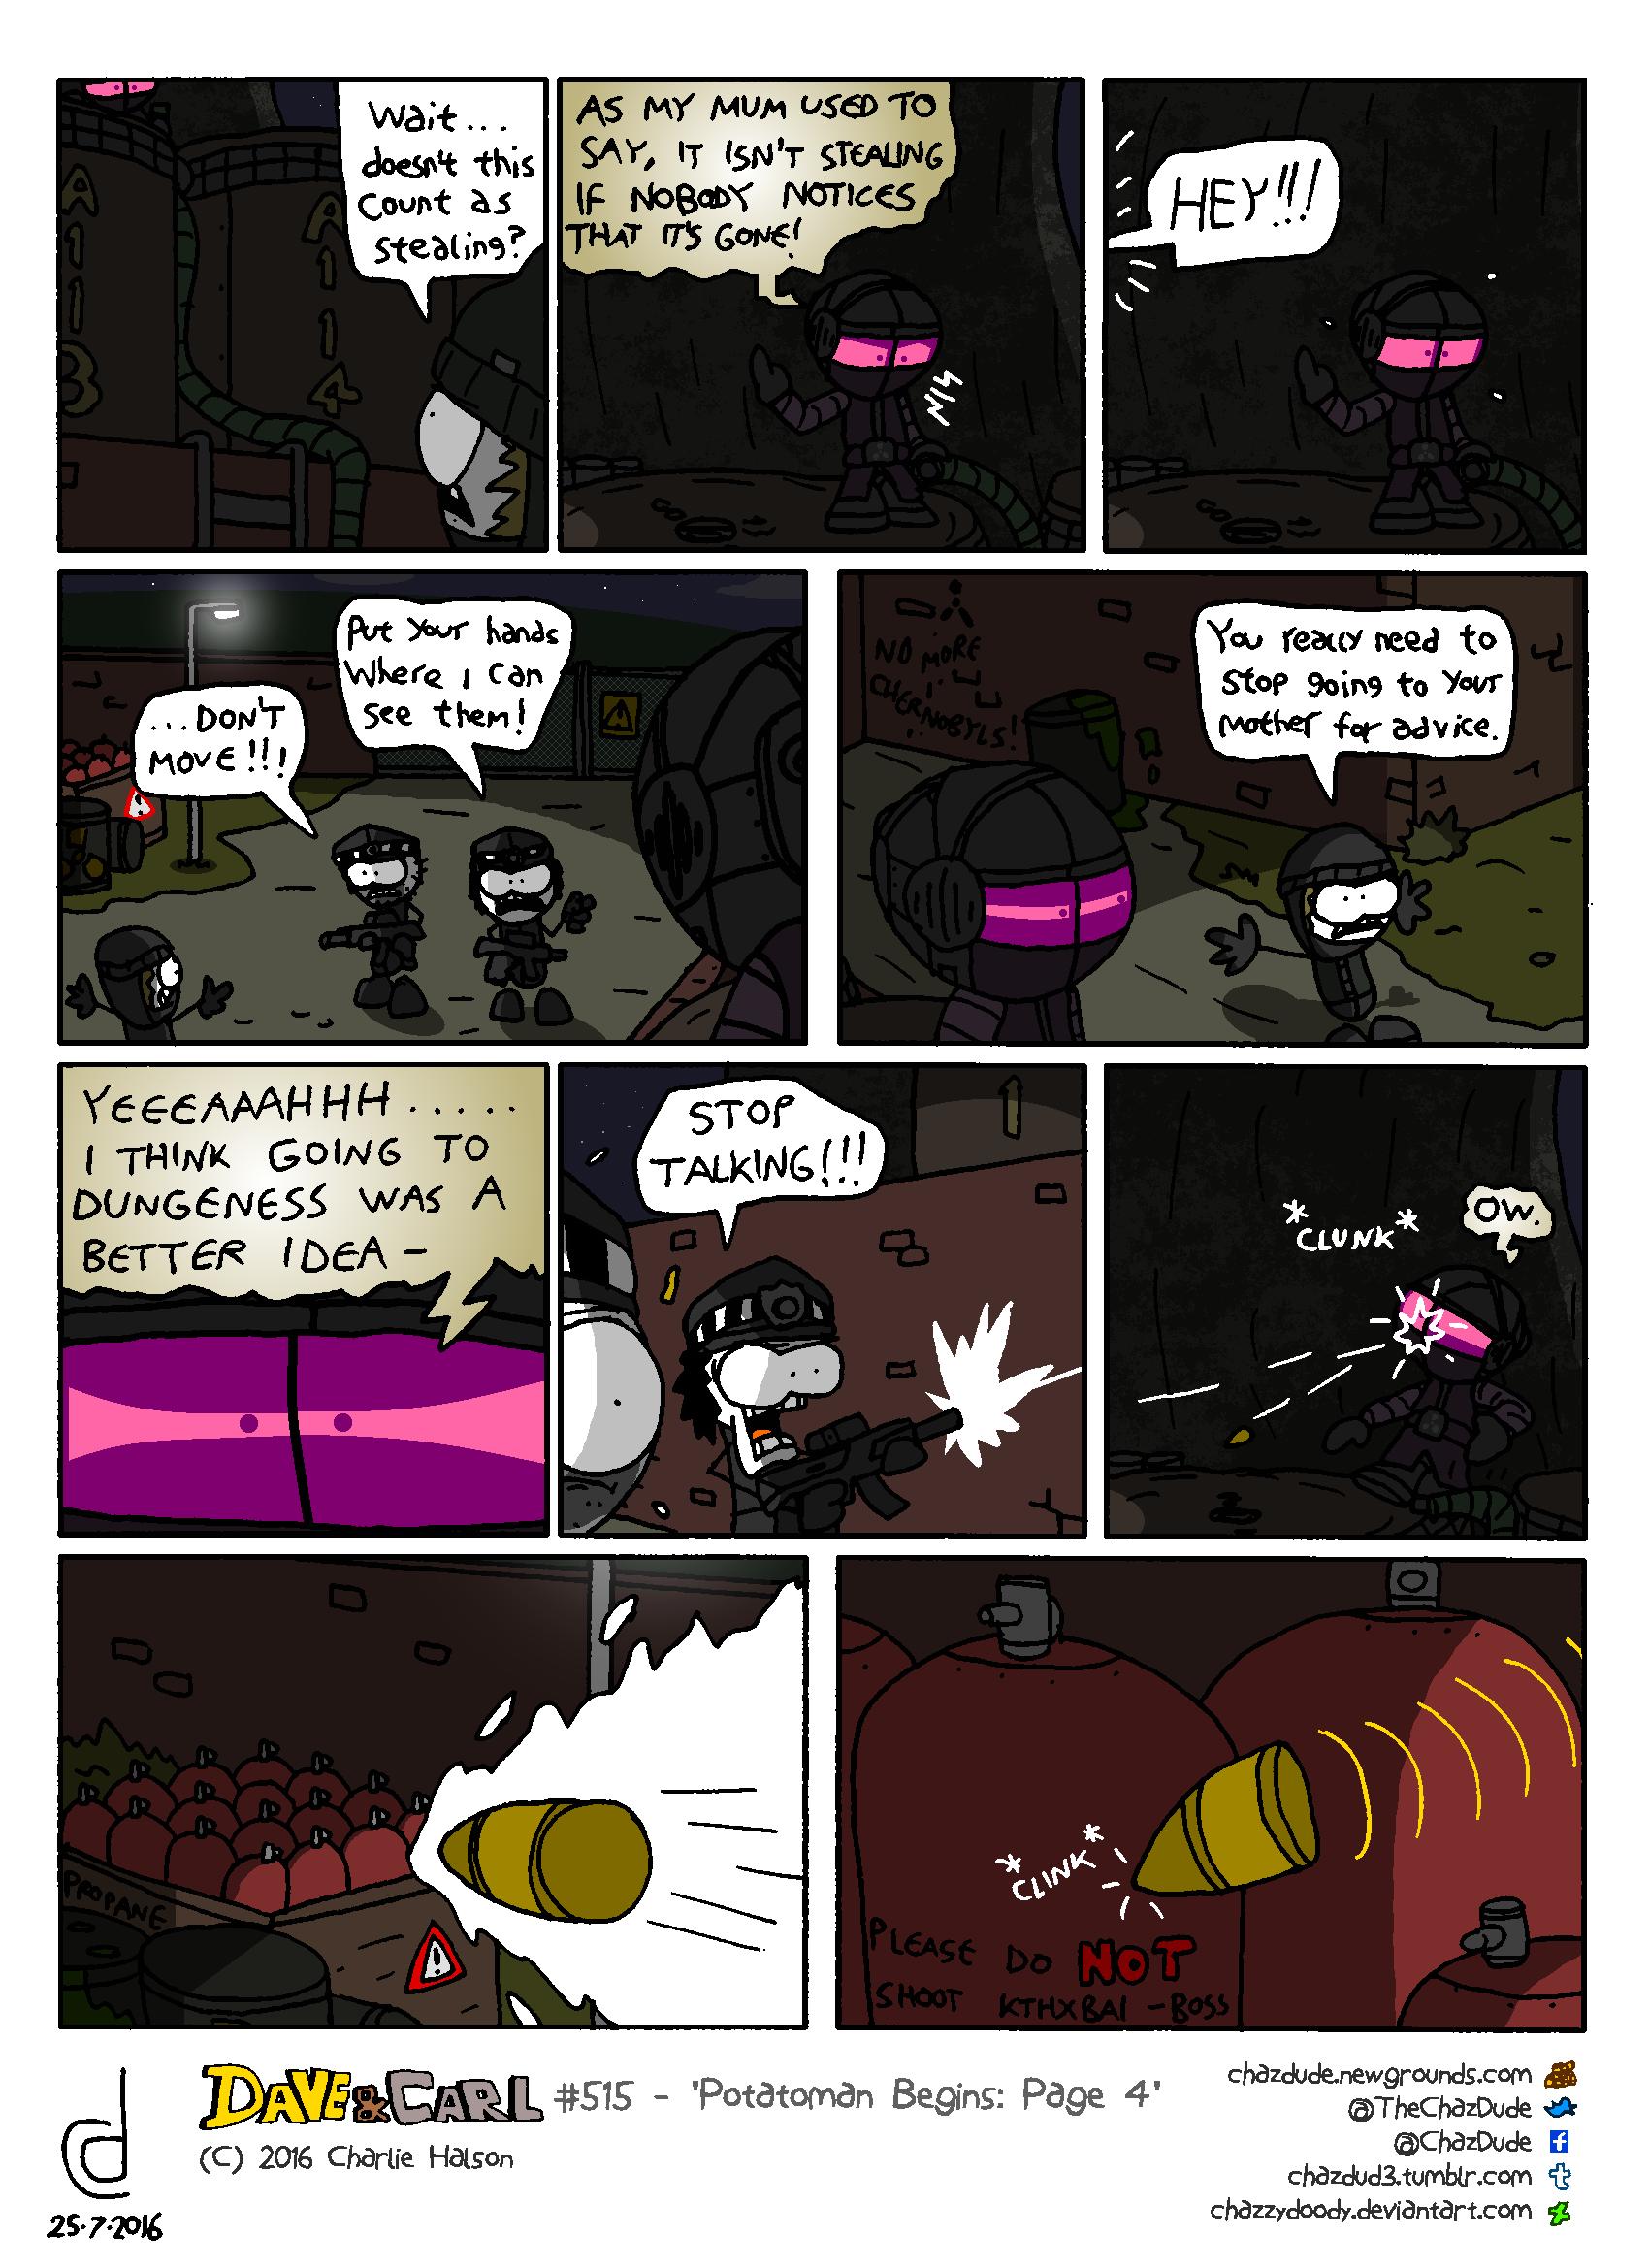 Potatoman Begins: Page 4